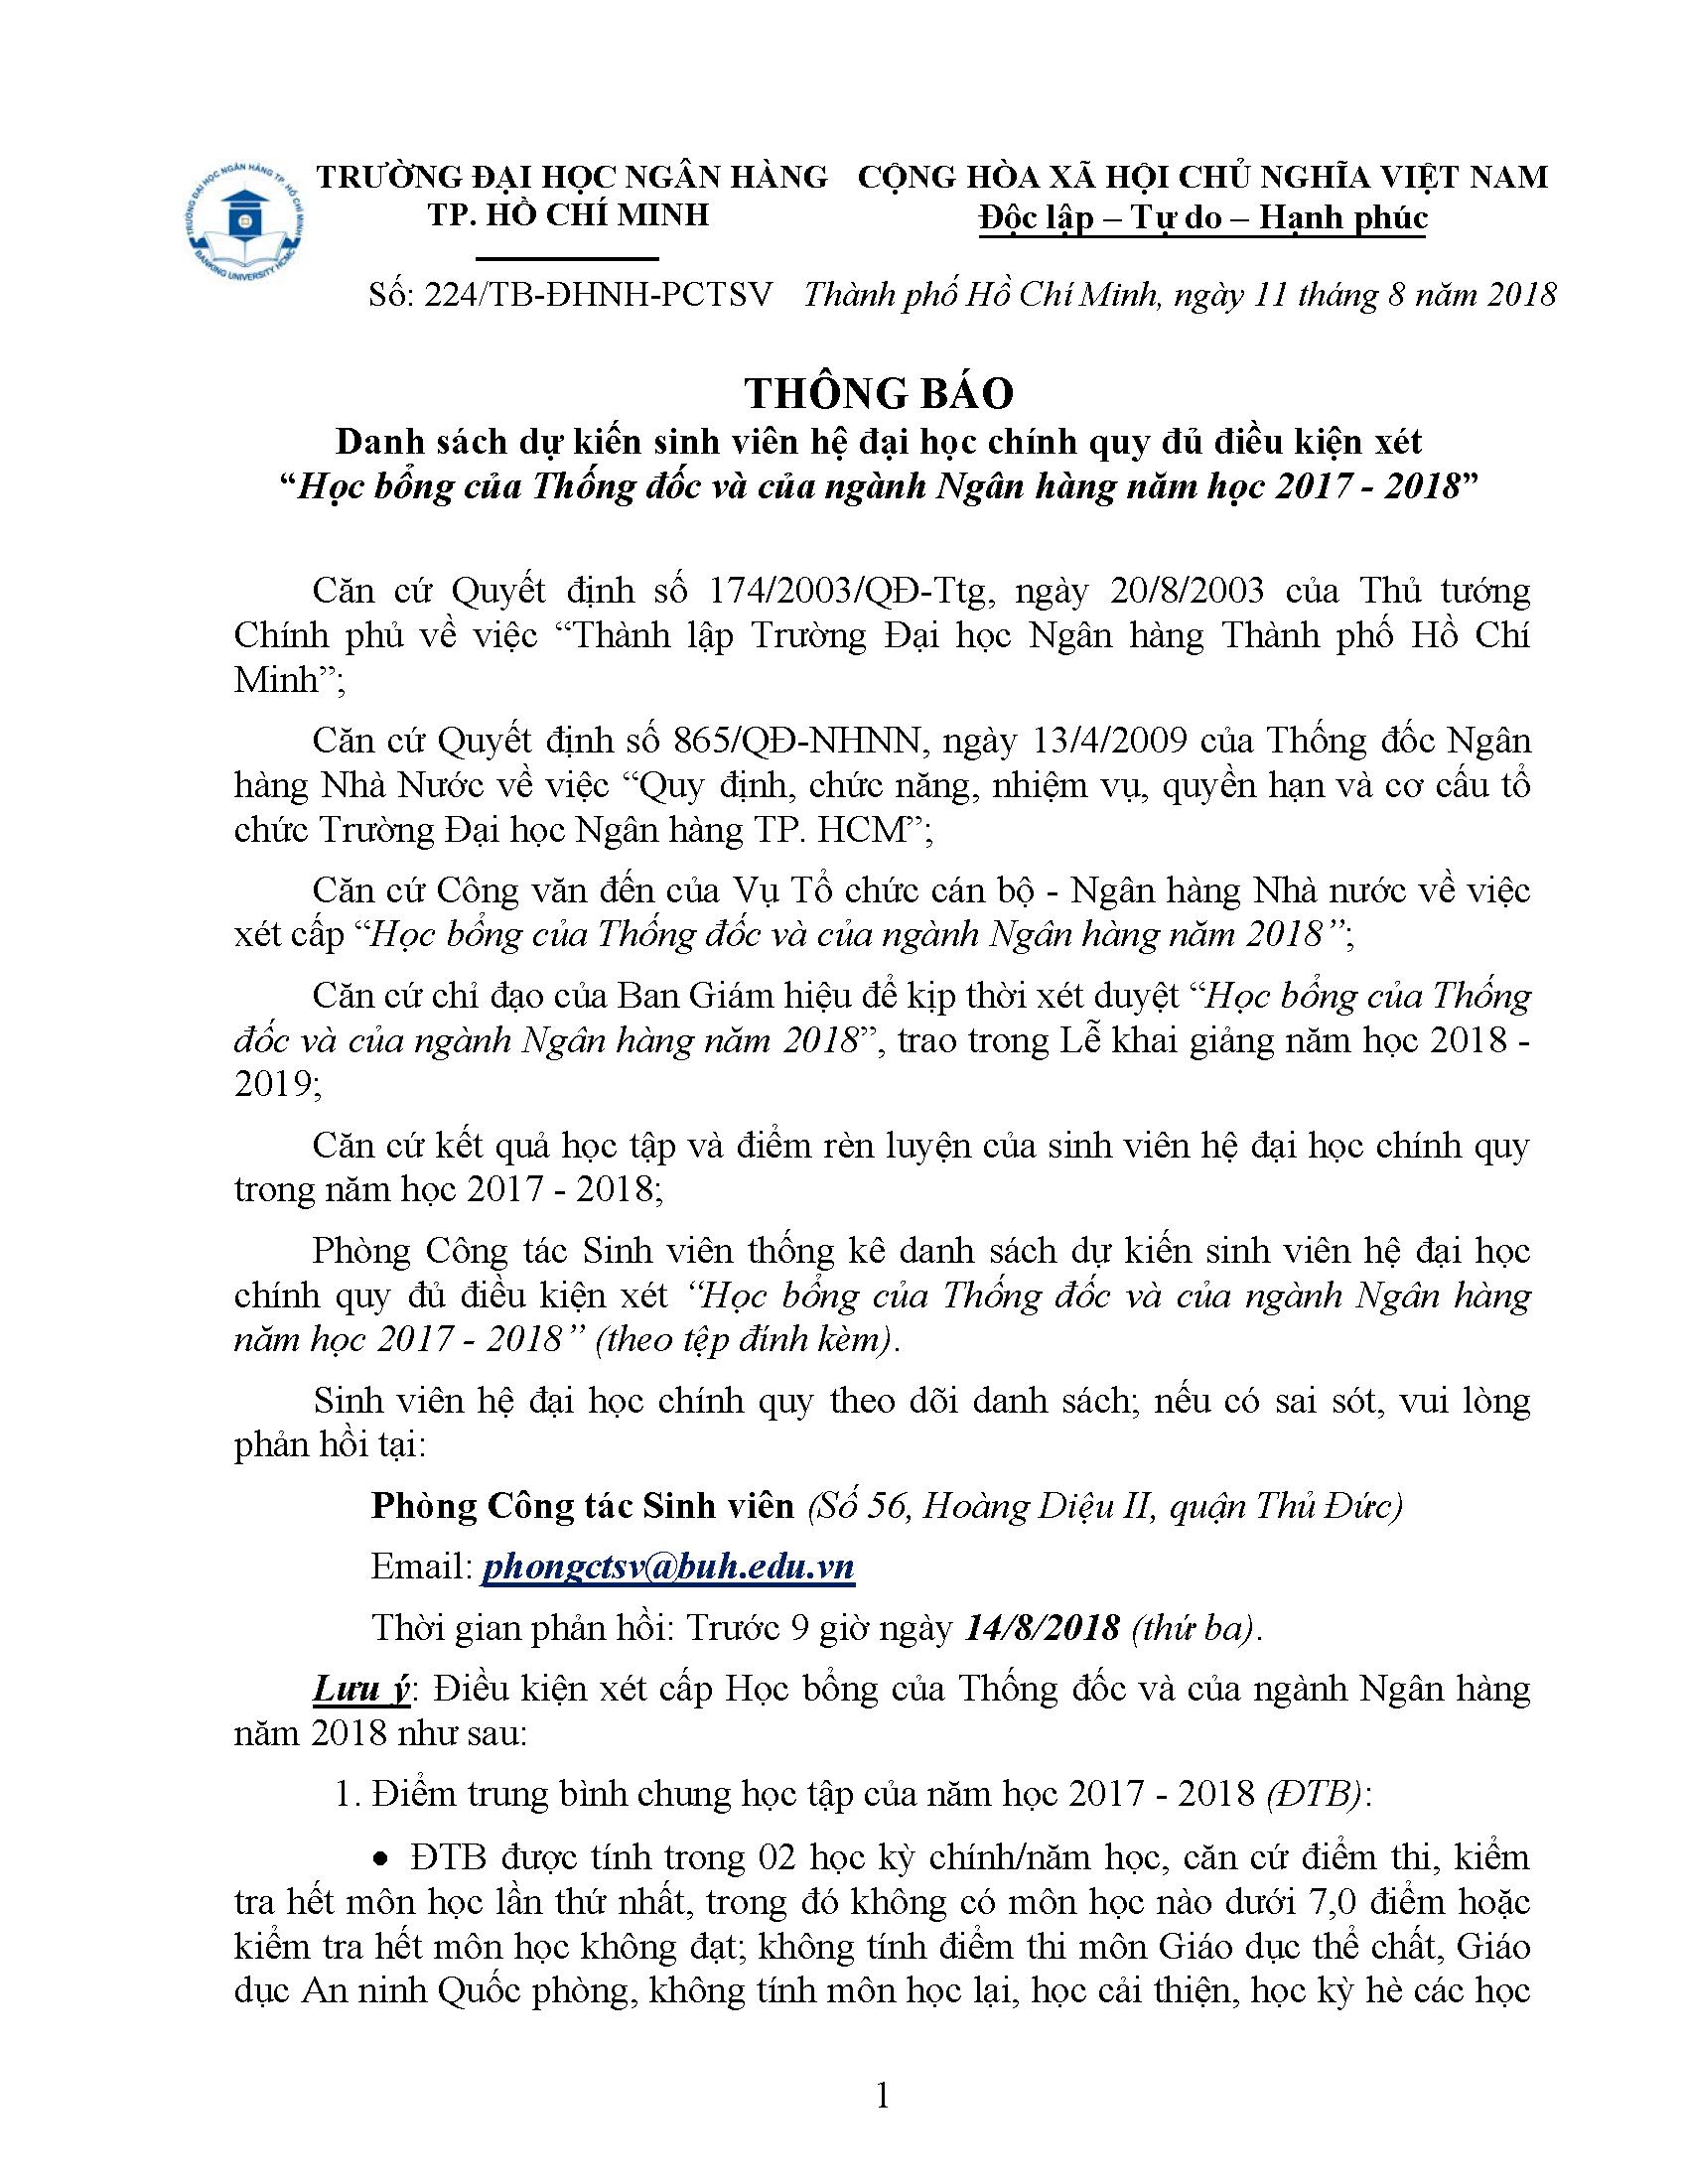 1-Thong bao danh sach du kien SV he Dai hoc CQ du dieu kien xet Hoc bong Ngan hang NH 2017-2018_Page_1